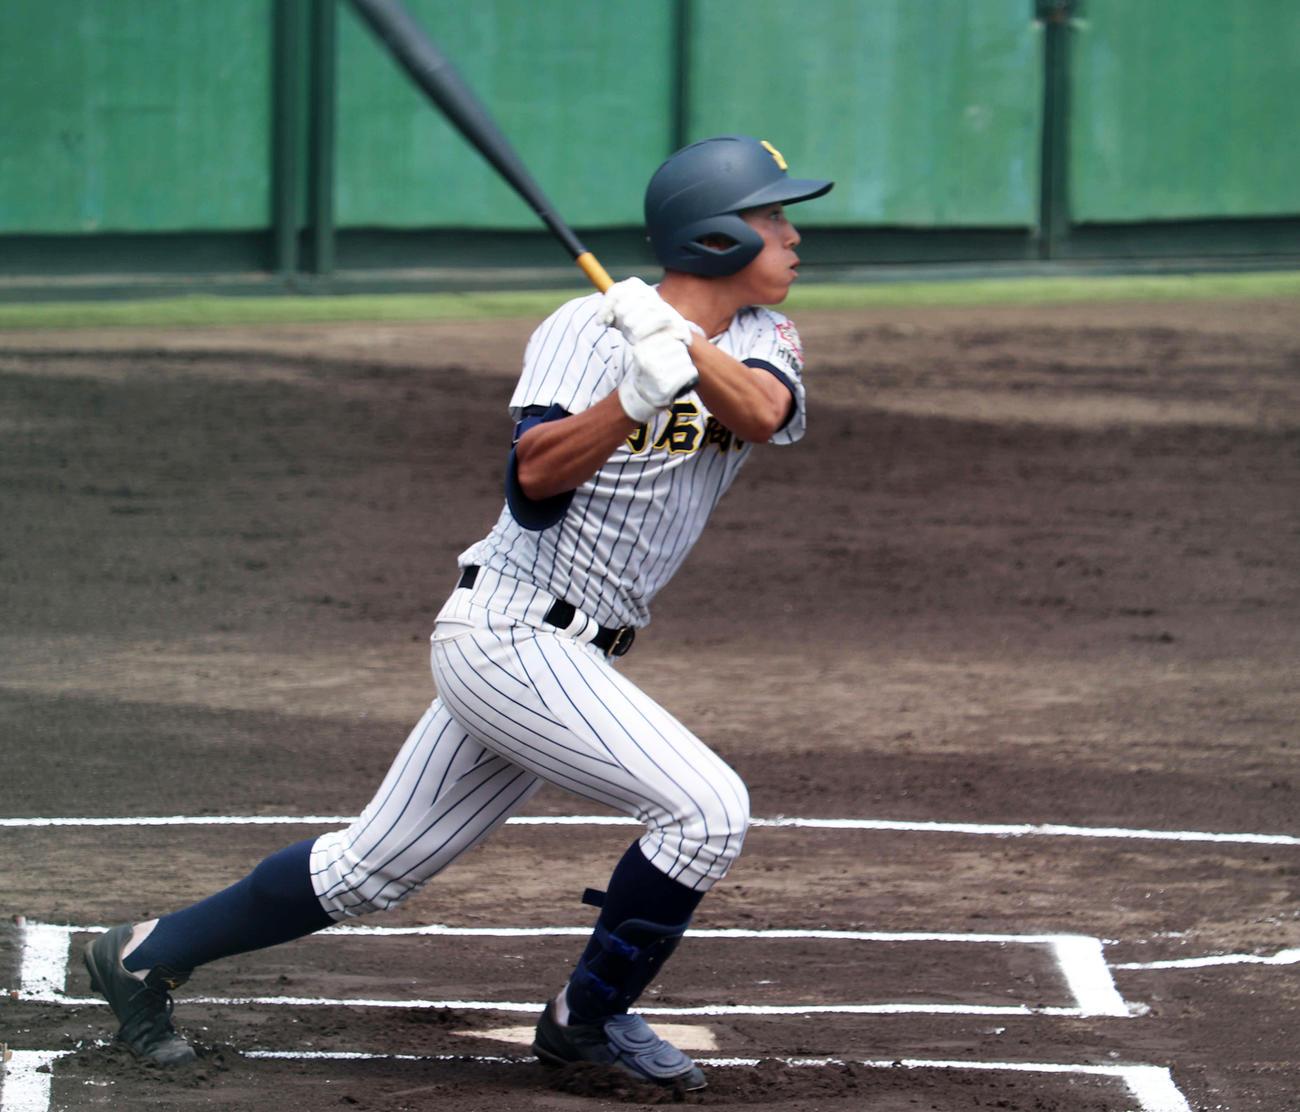 小野戦の1回、右越え二塁打で出塁し先制の生還を果たした明石商・来田涼斗(撮影・望月千草)